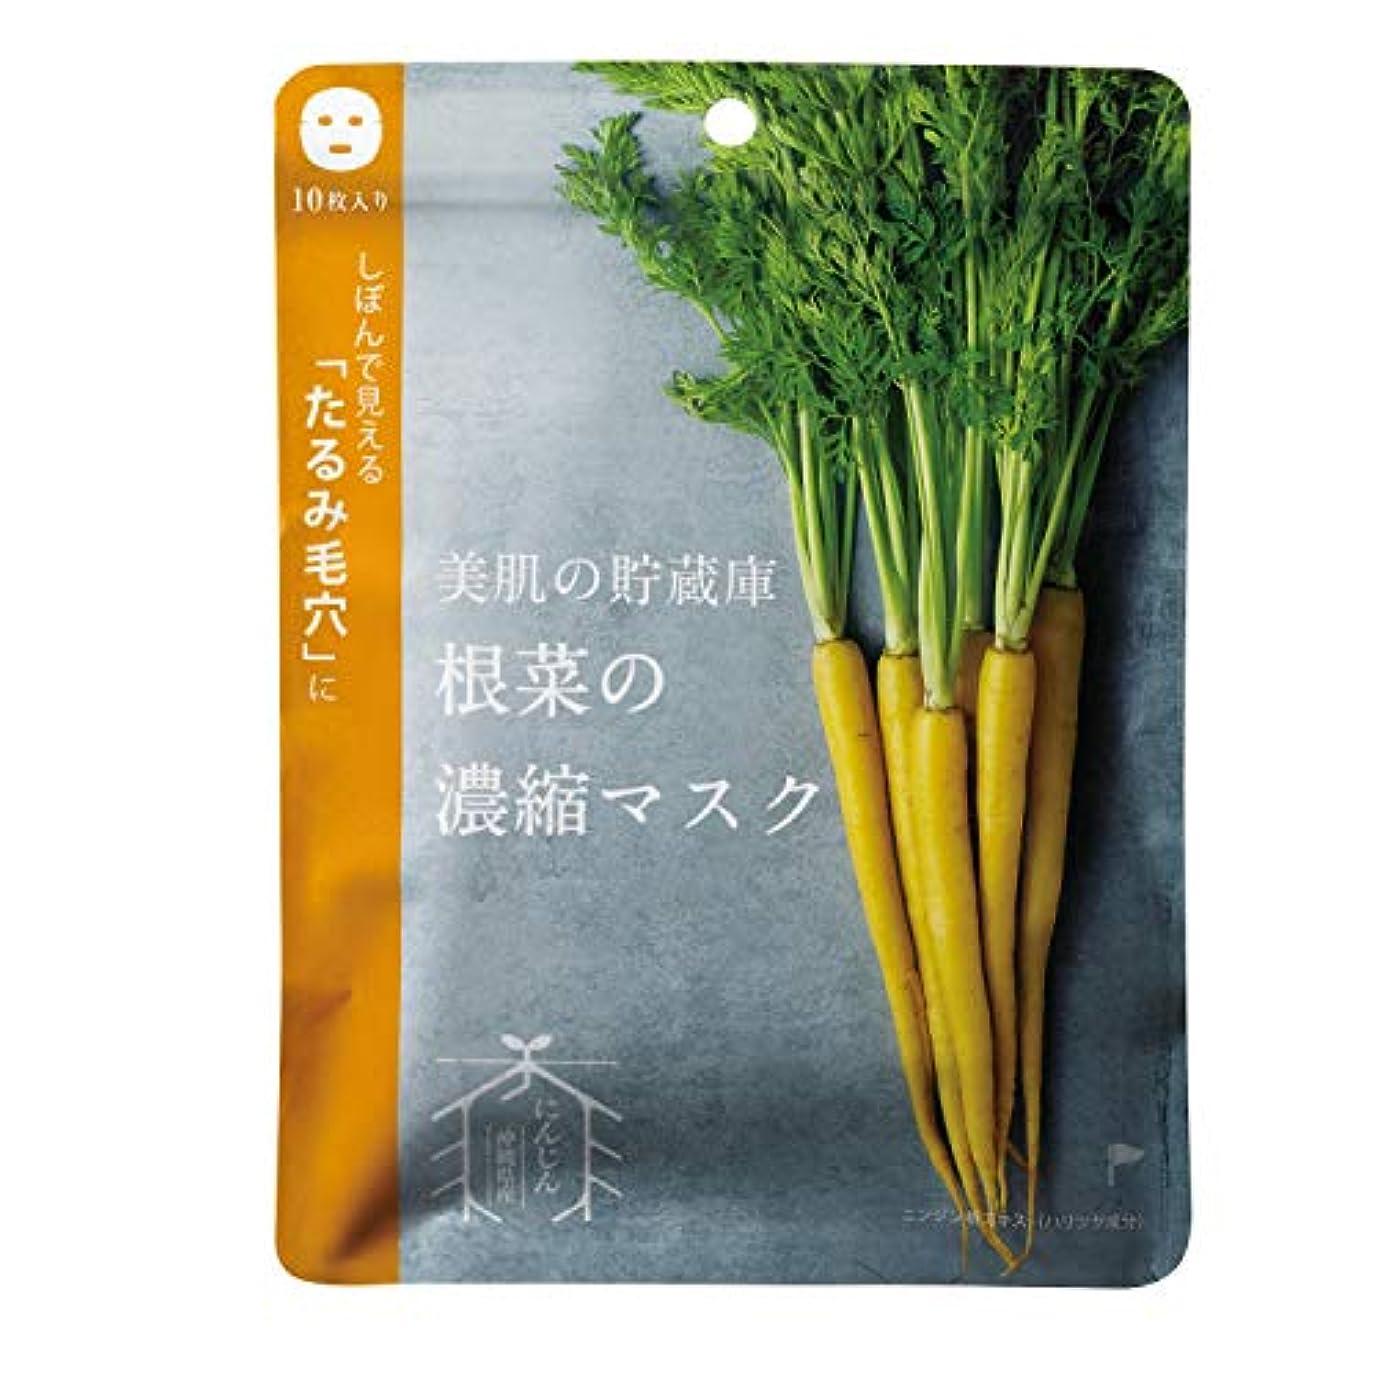 であることシーサイド甘くする@cosme nippon 美肌の貯蔵庫 根菜の濃縮マスク 島にんじん 10枚 160ml